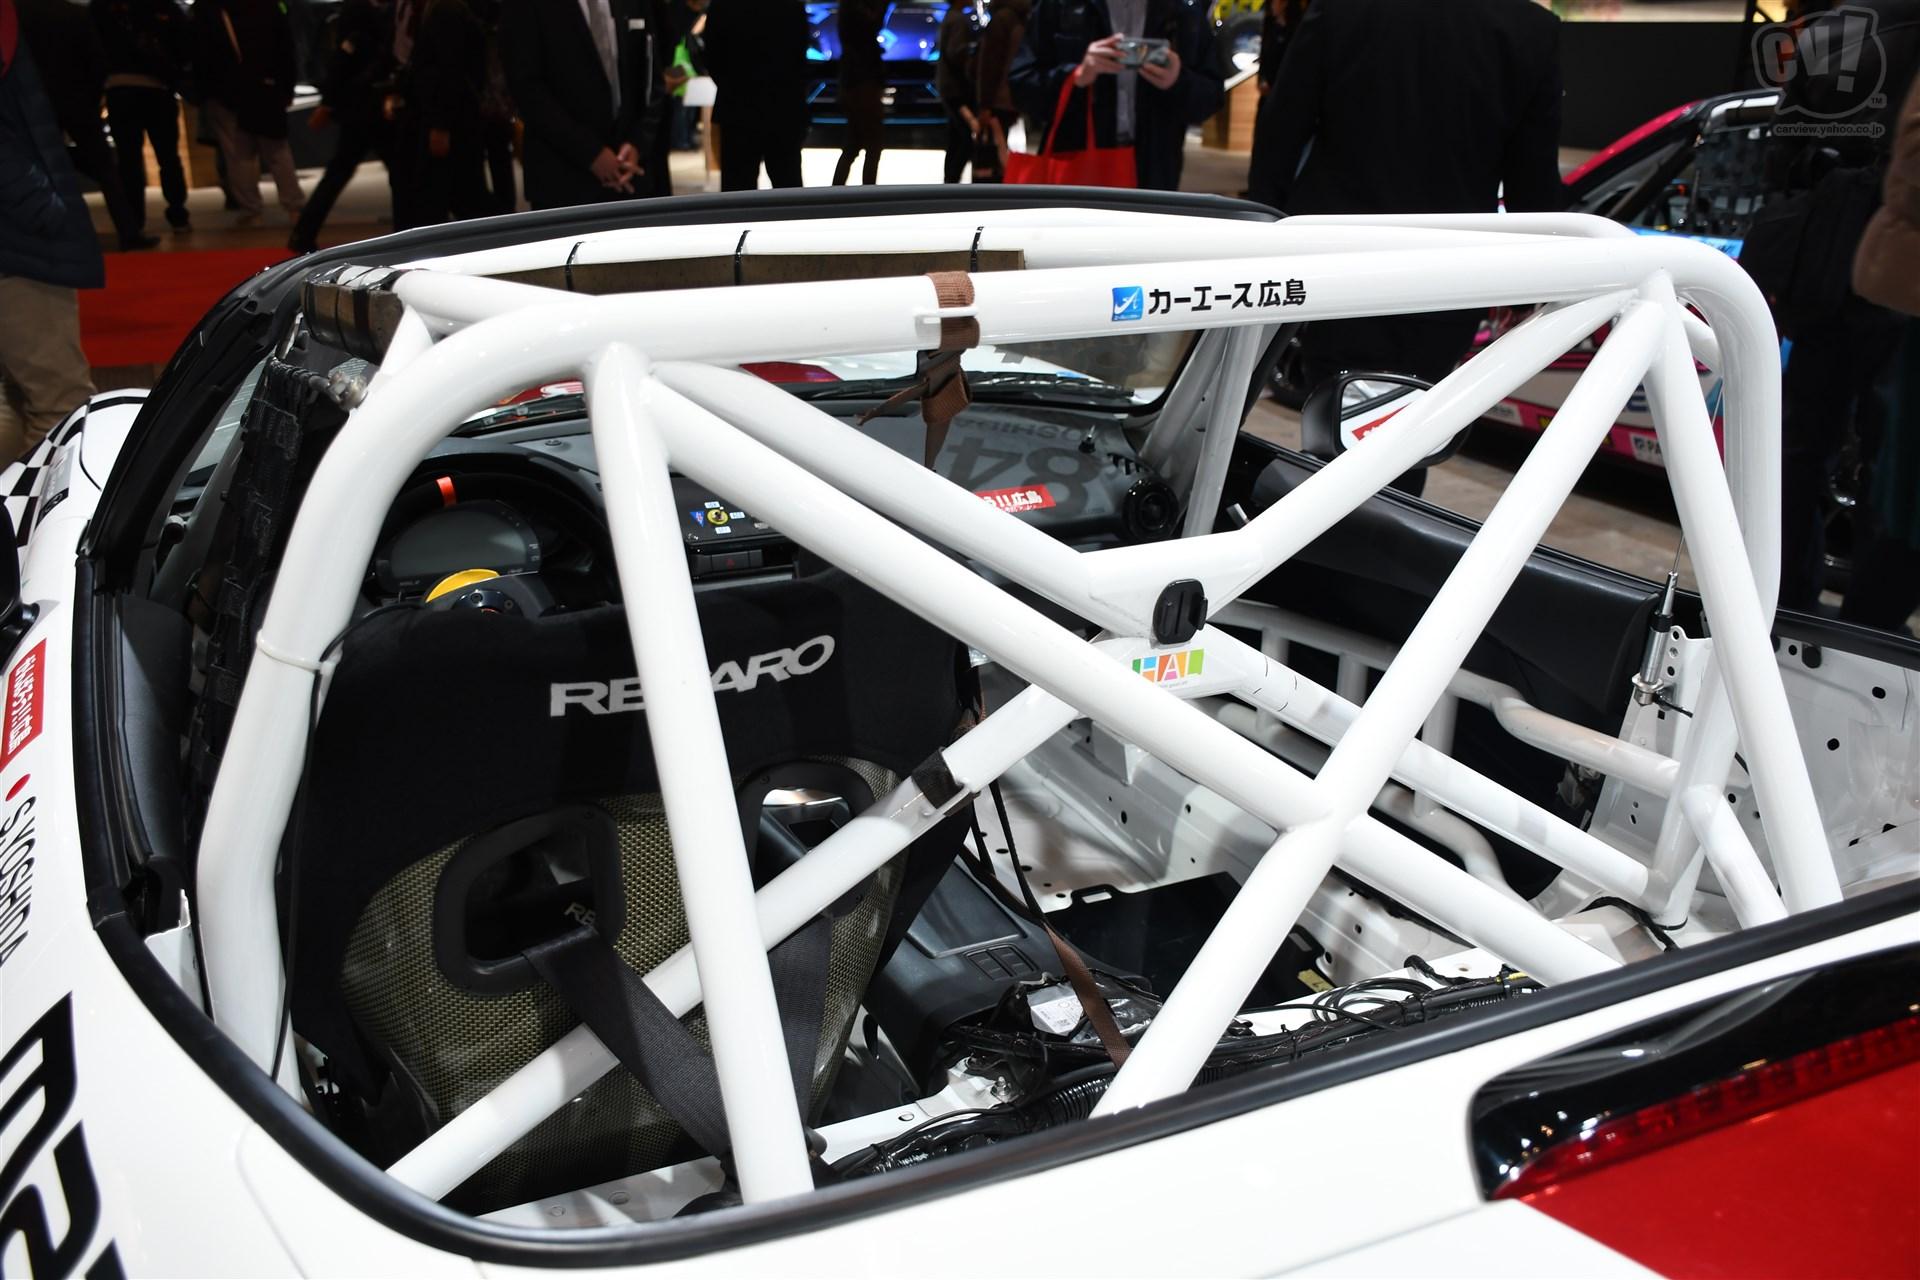 マツダ GLOBAL MX-5 CUP 仕様車(吉田 綜一郎選手)